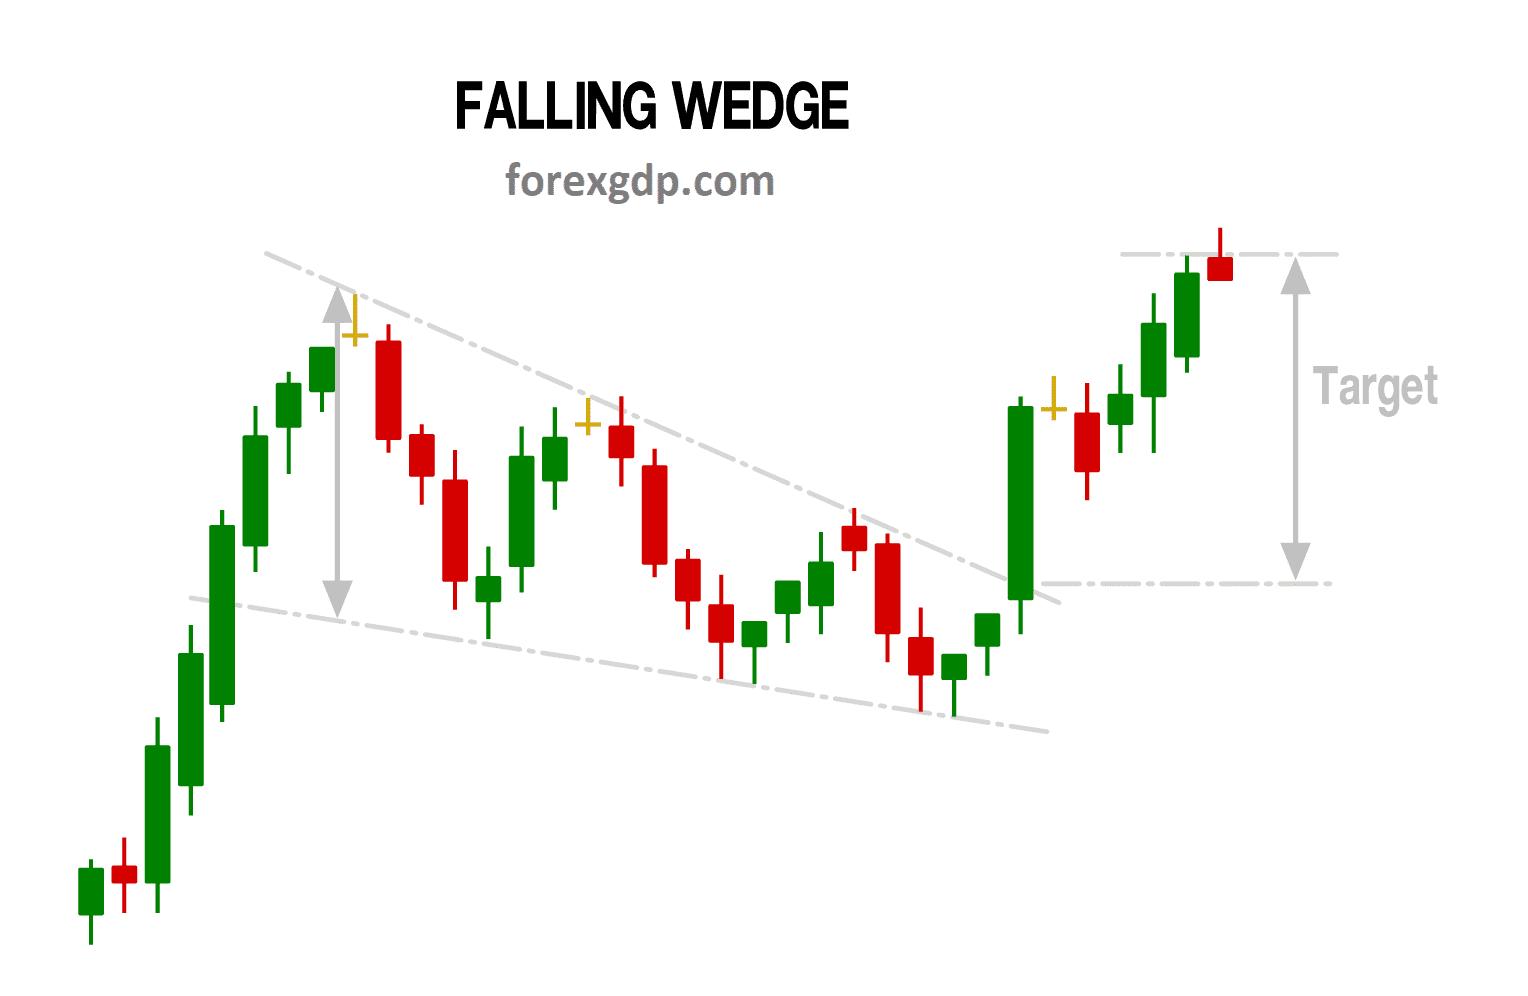 Falling wedge pattern take profit target